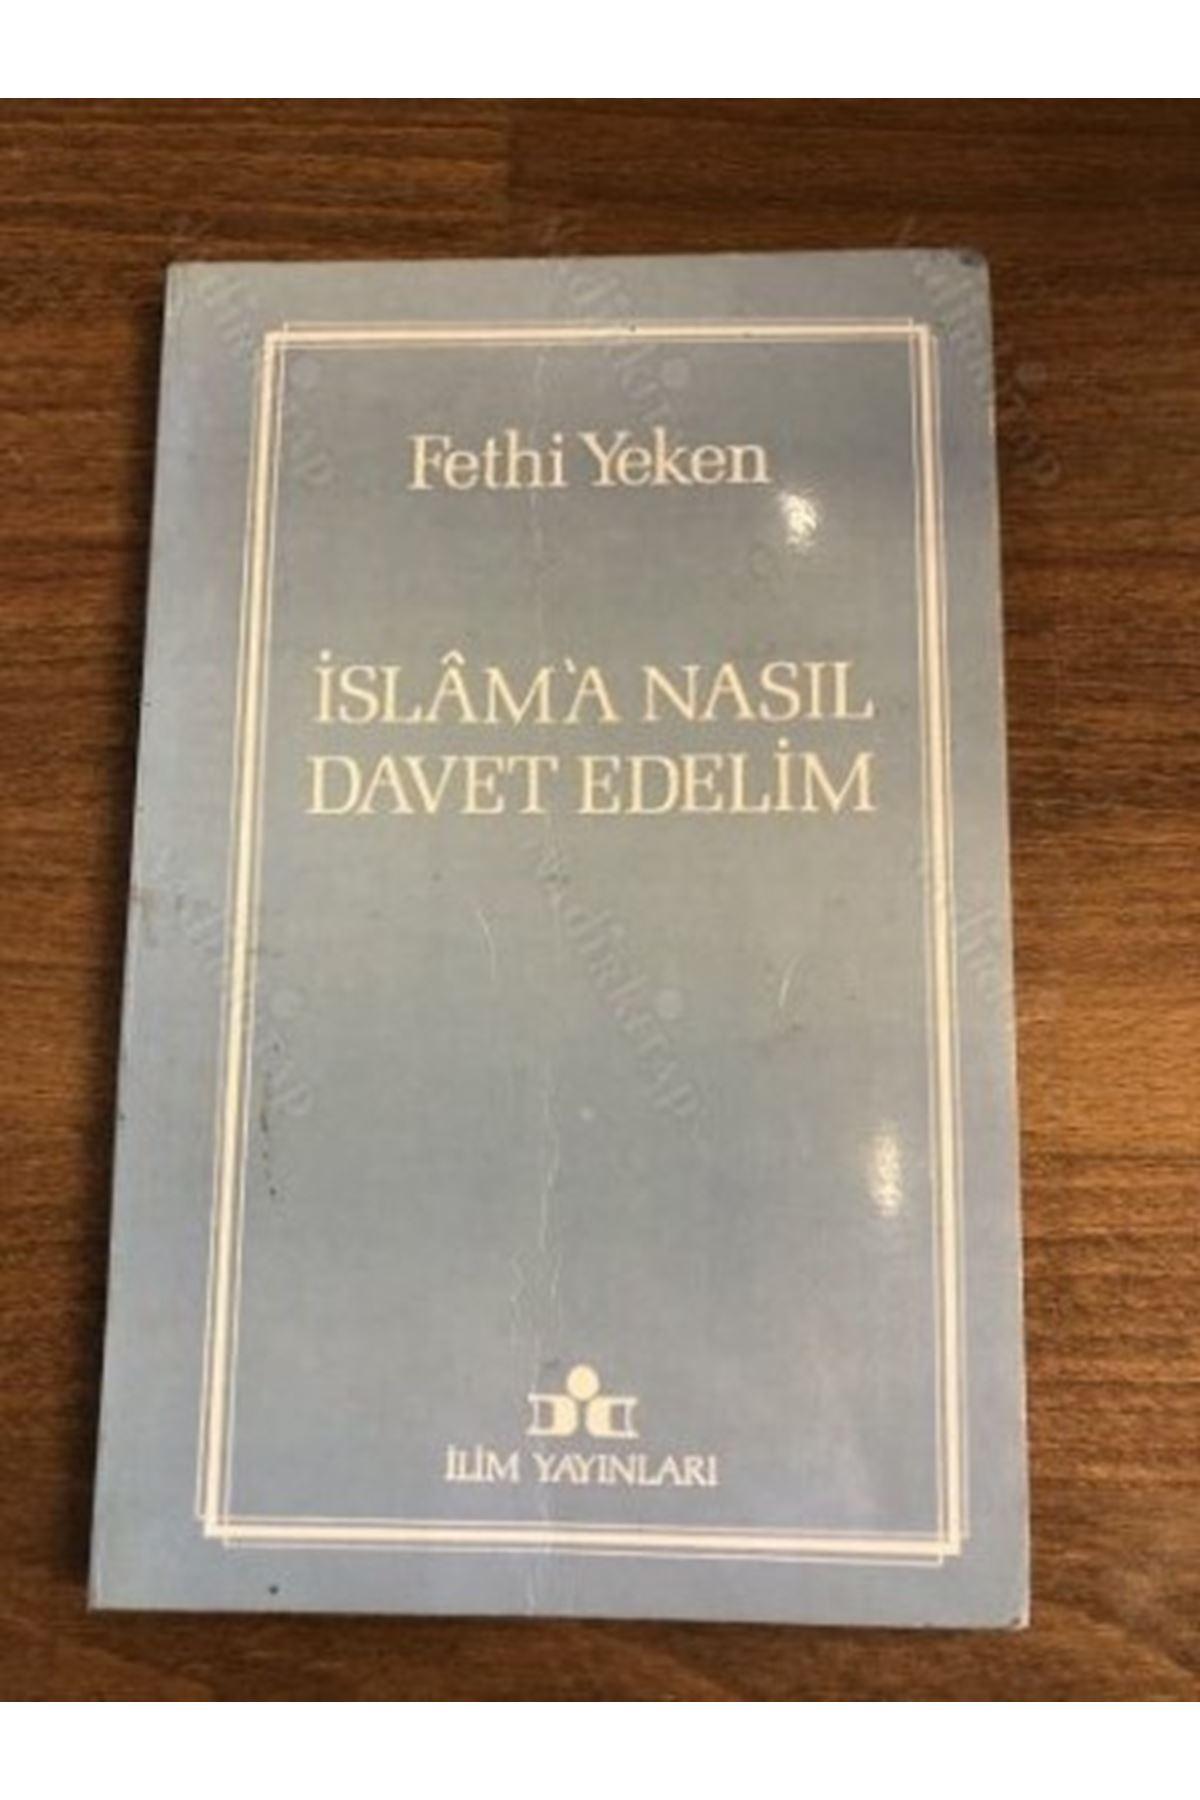 FETHİ YEKEN - İSLAM'A NASIL DAVET EDELİM